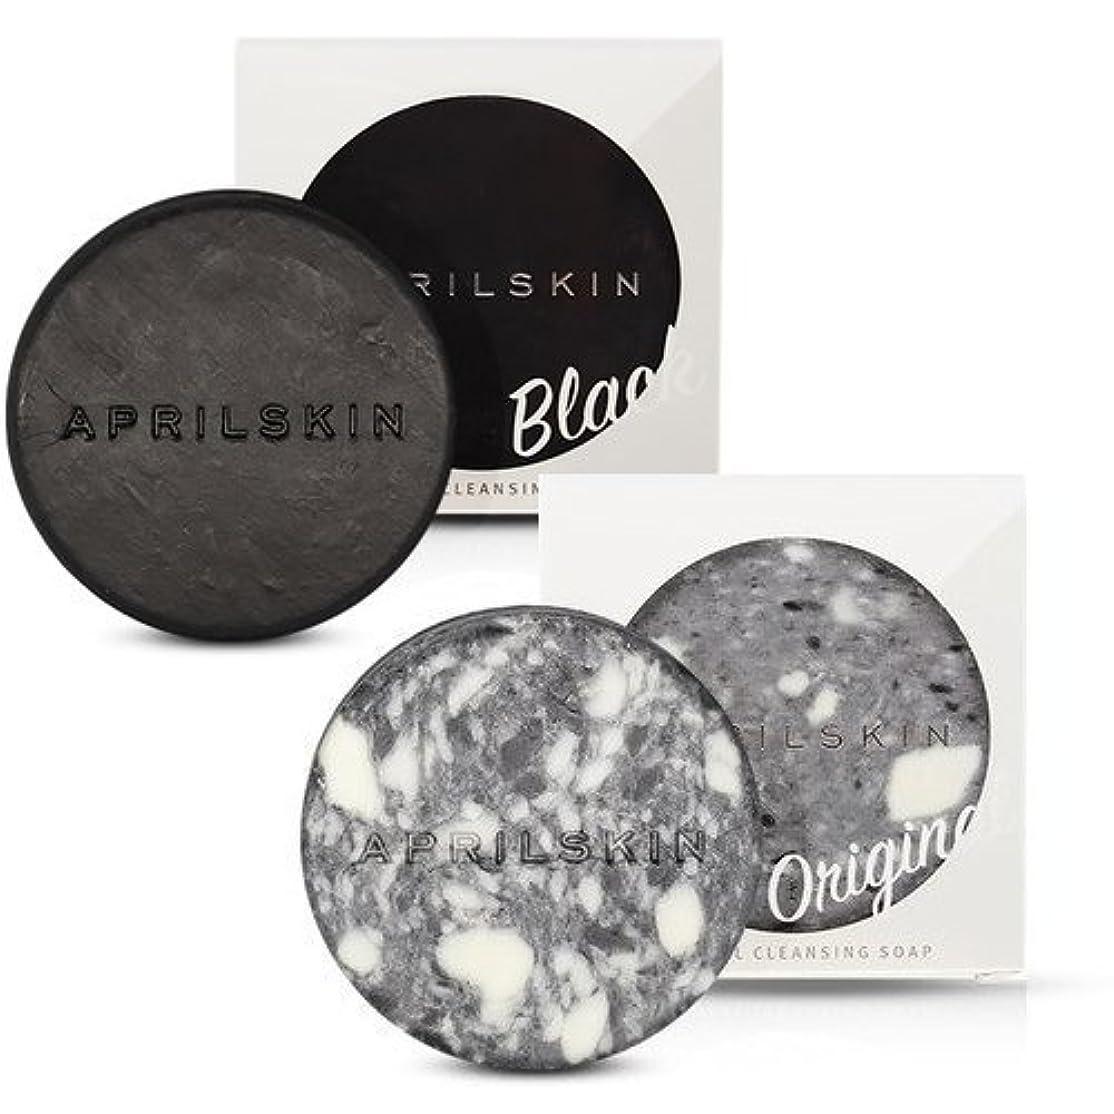 インタネットを見る懐余暇[1+1][APRILSKIN] エイプリルスキン国民石鹸 (APRIL SKIN マジックストーンのリニューアルバージョン新発売) (ORIGINAL+BLACK) [並行輸入品]